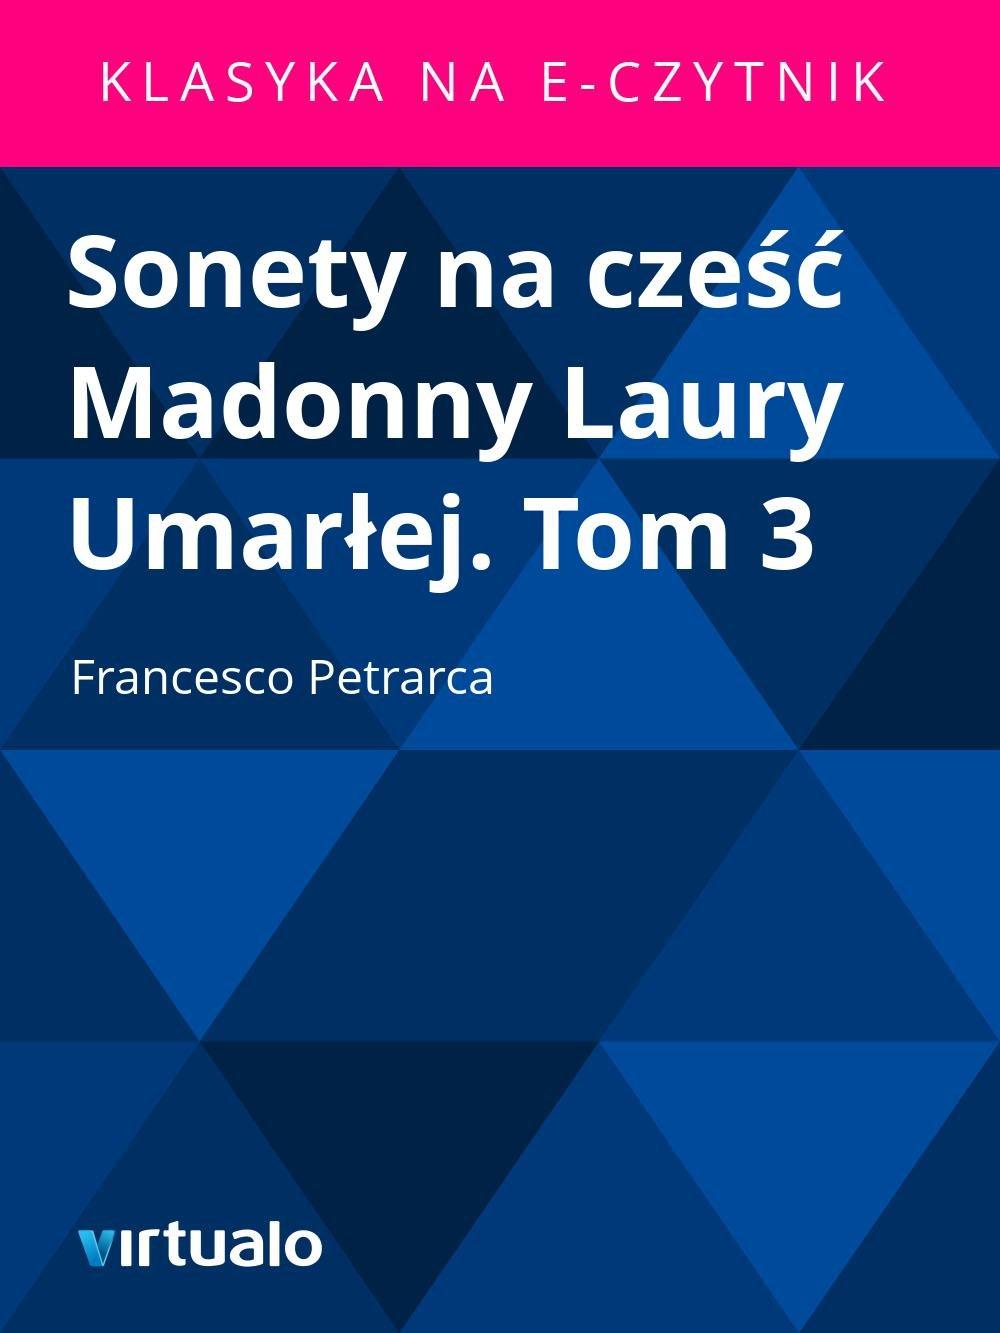 Sonety na cześć Madonny Laury Umarłej. Tom 3 - Ebook (Książka EPUB) do pobrania w formacie EPUB